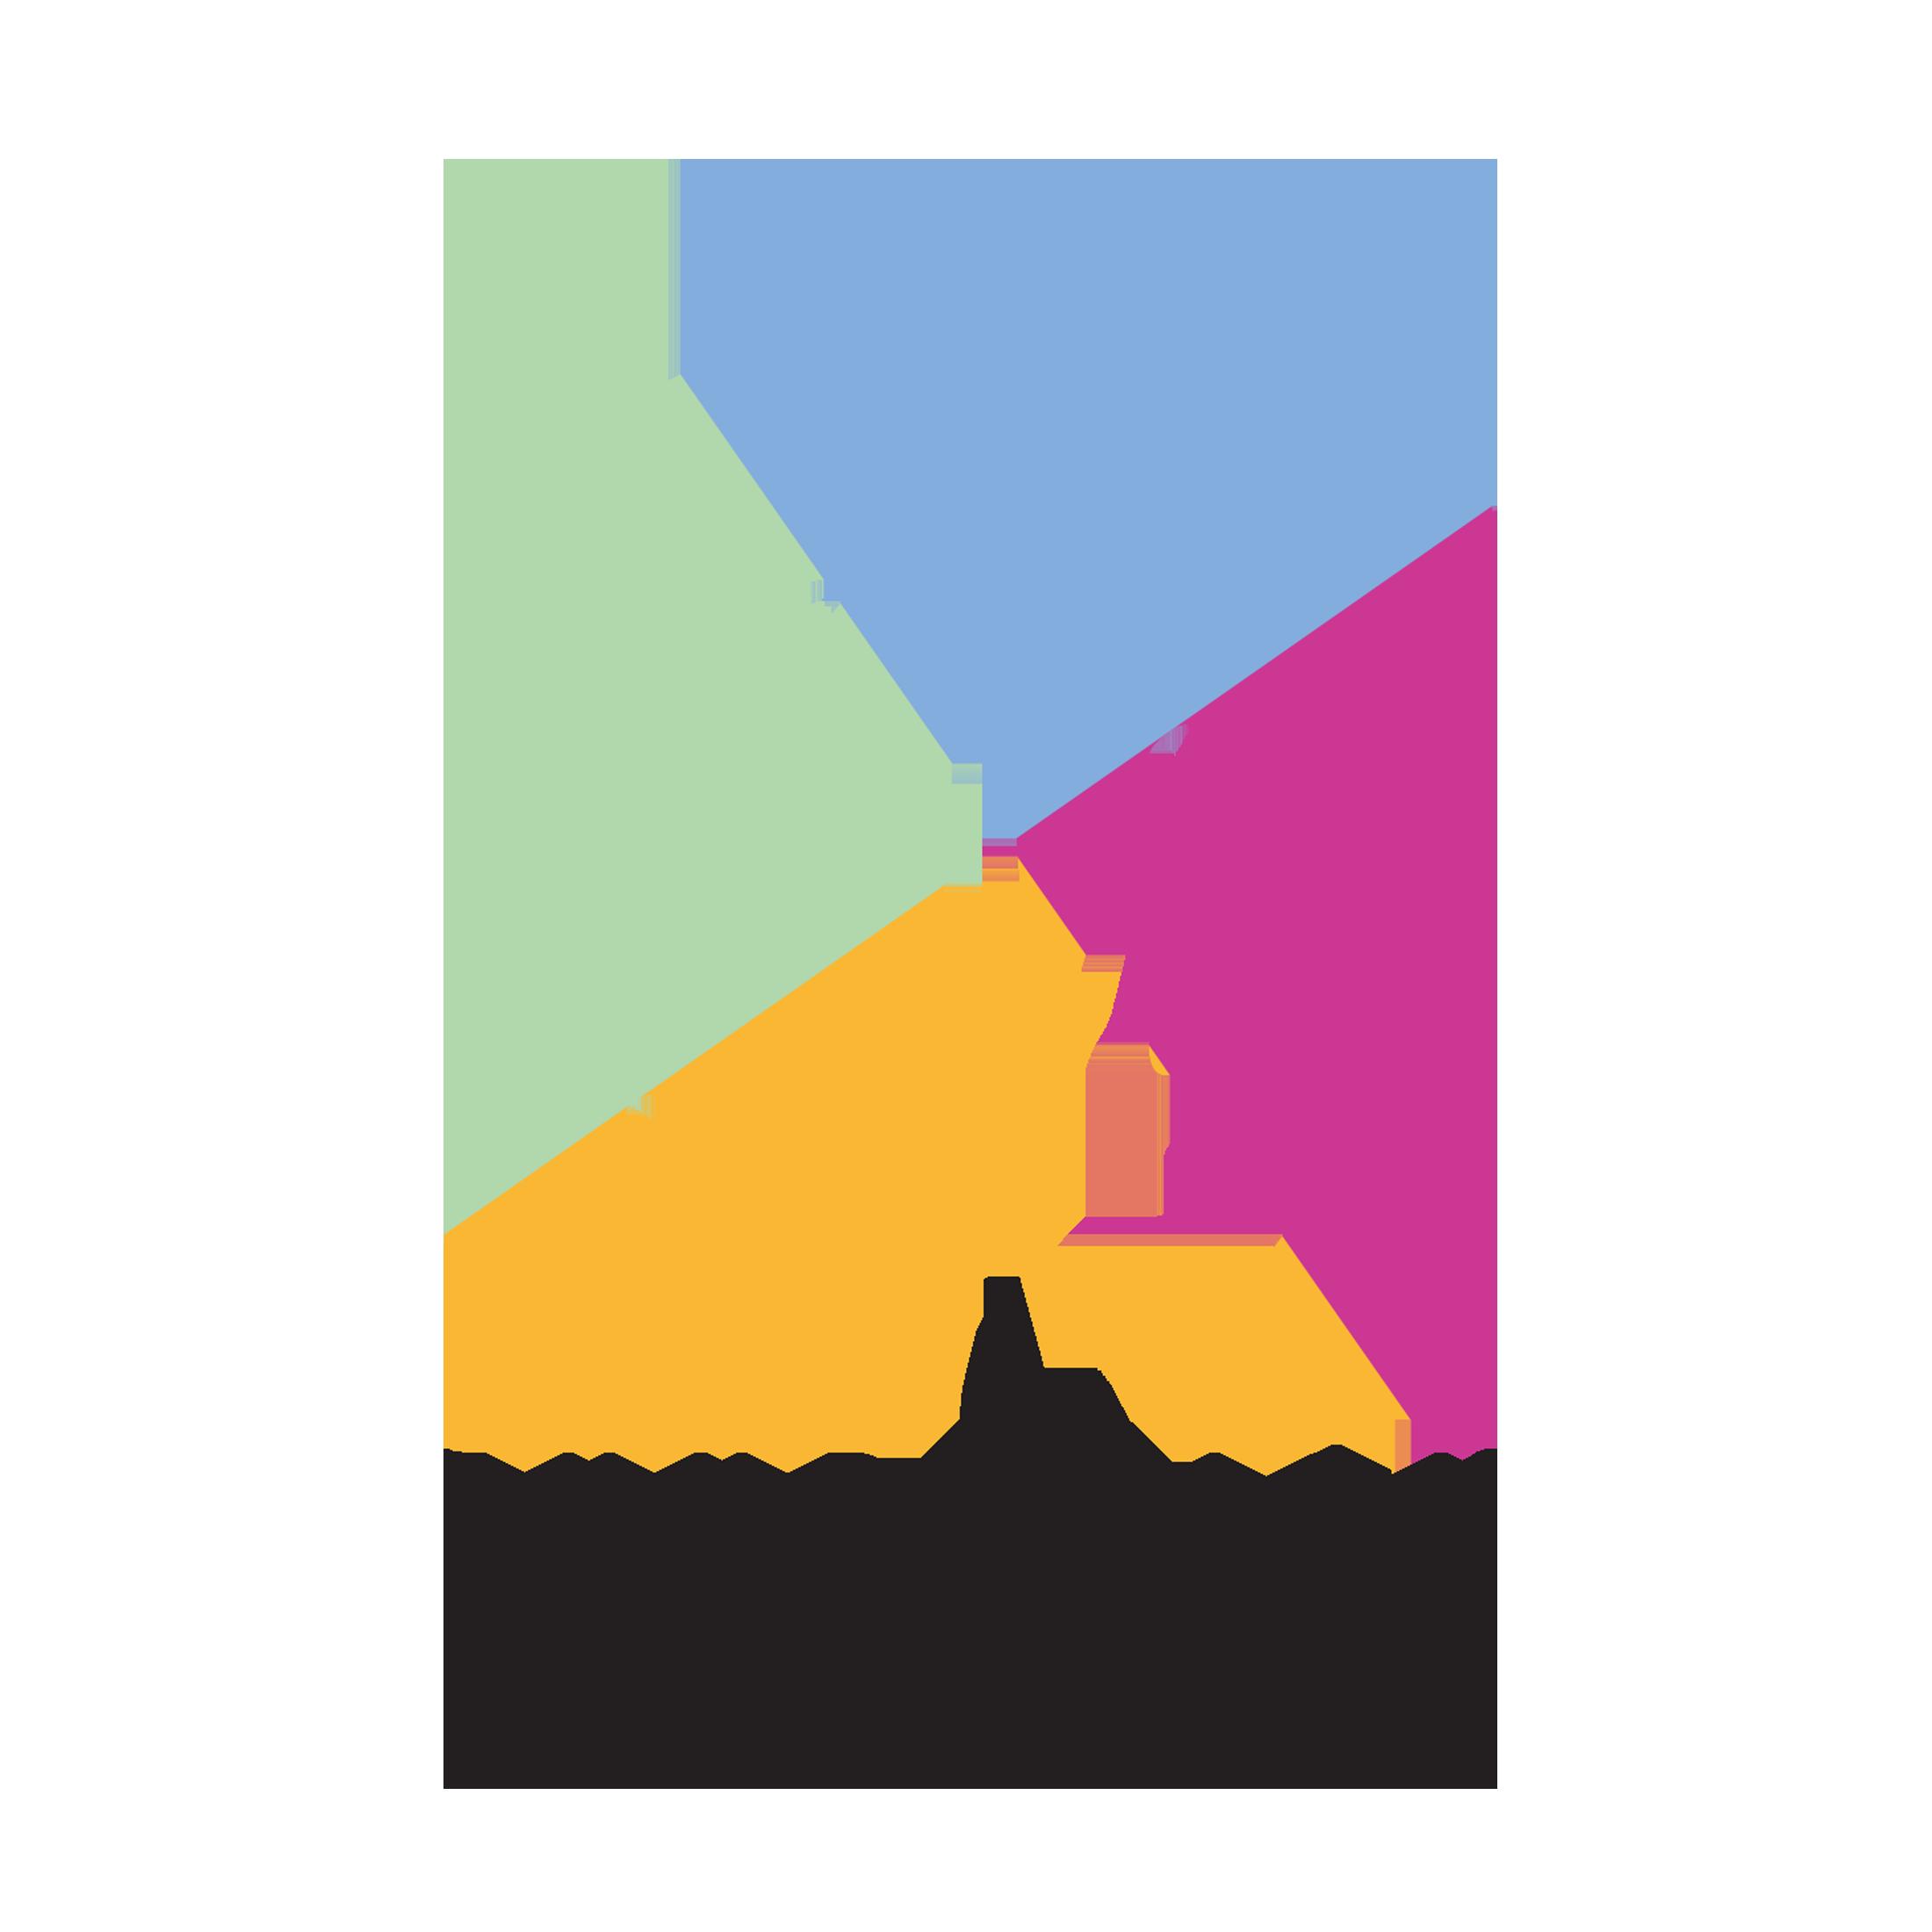 LOGO MINGA 2020